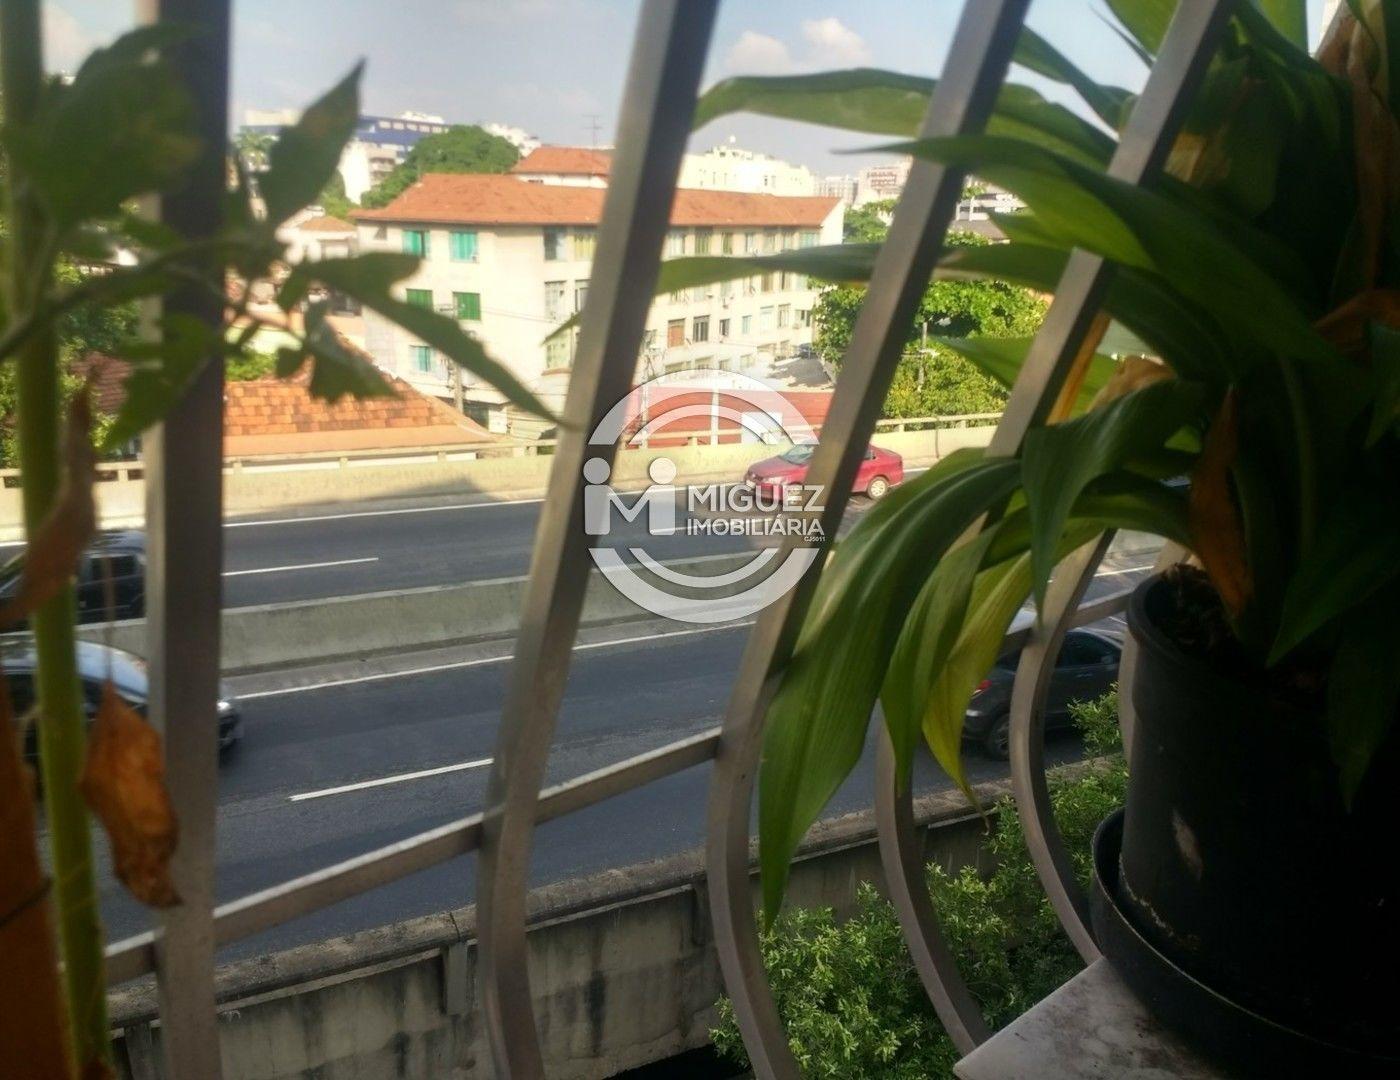 Apartamento, aluguel, Avenida Paulo de Frontin - Praça da Bandeira , Rio de janeiro